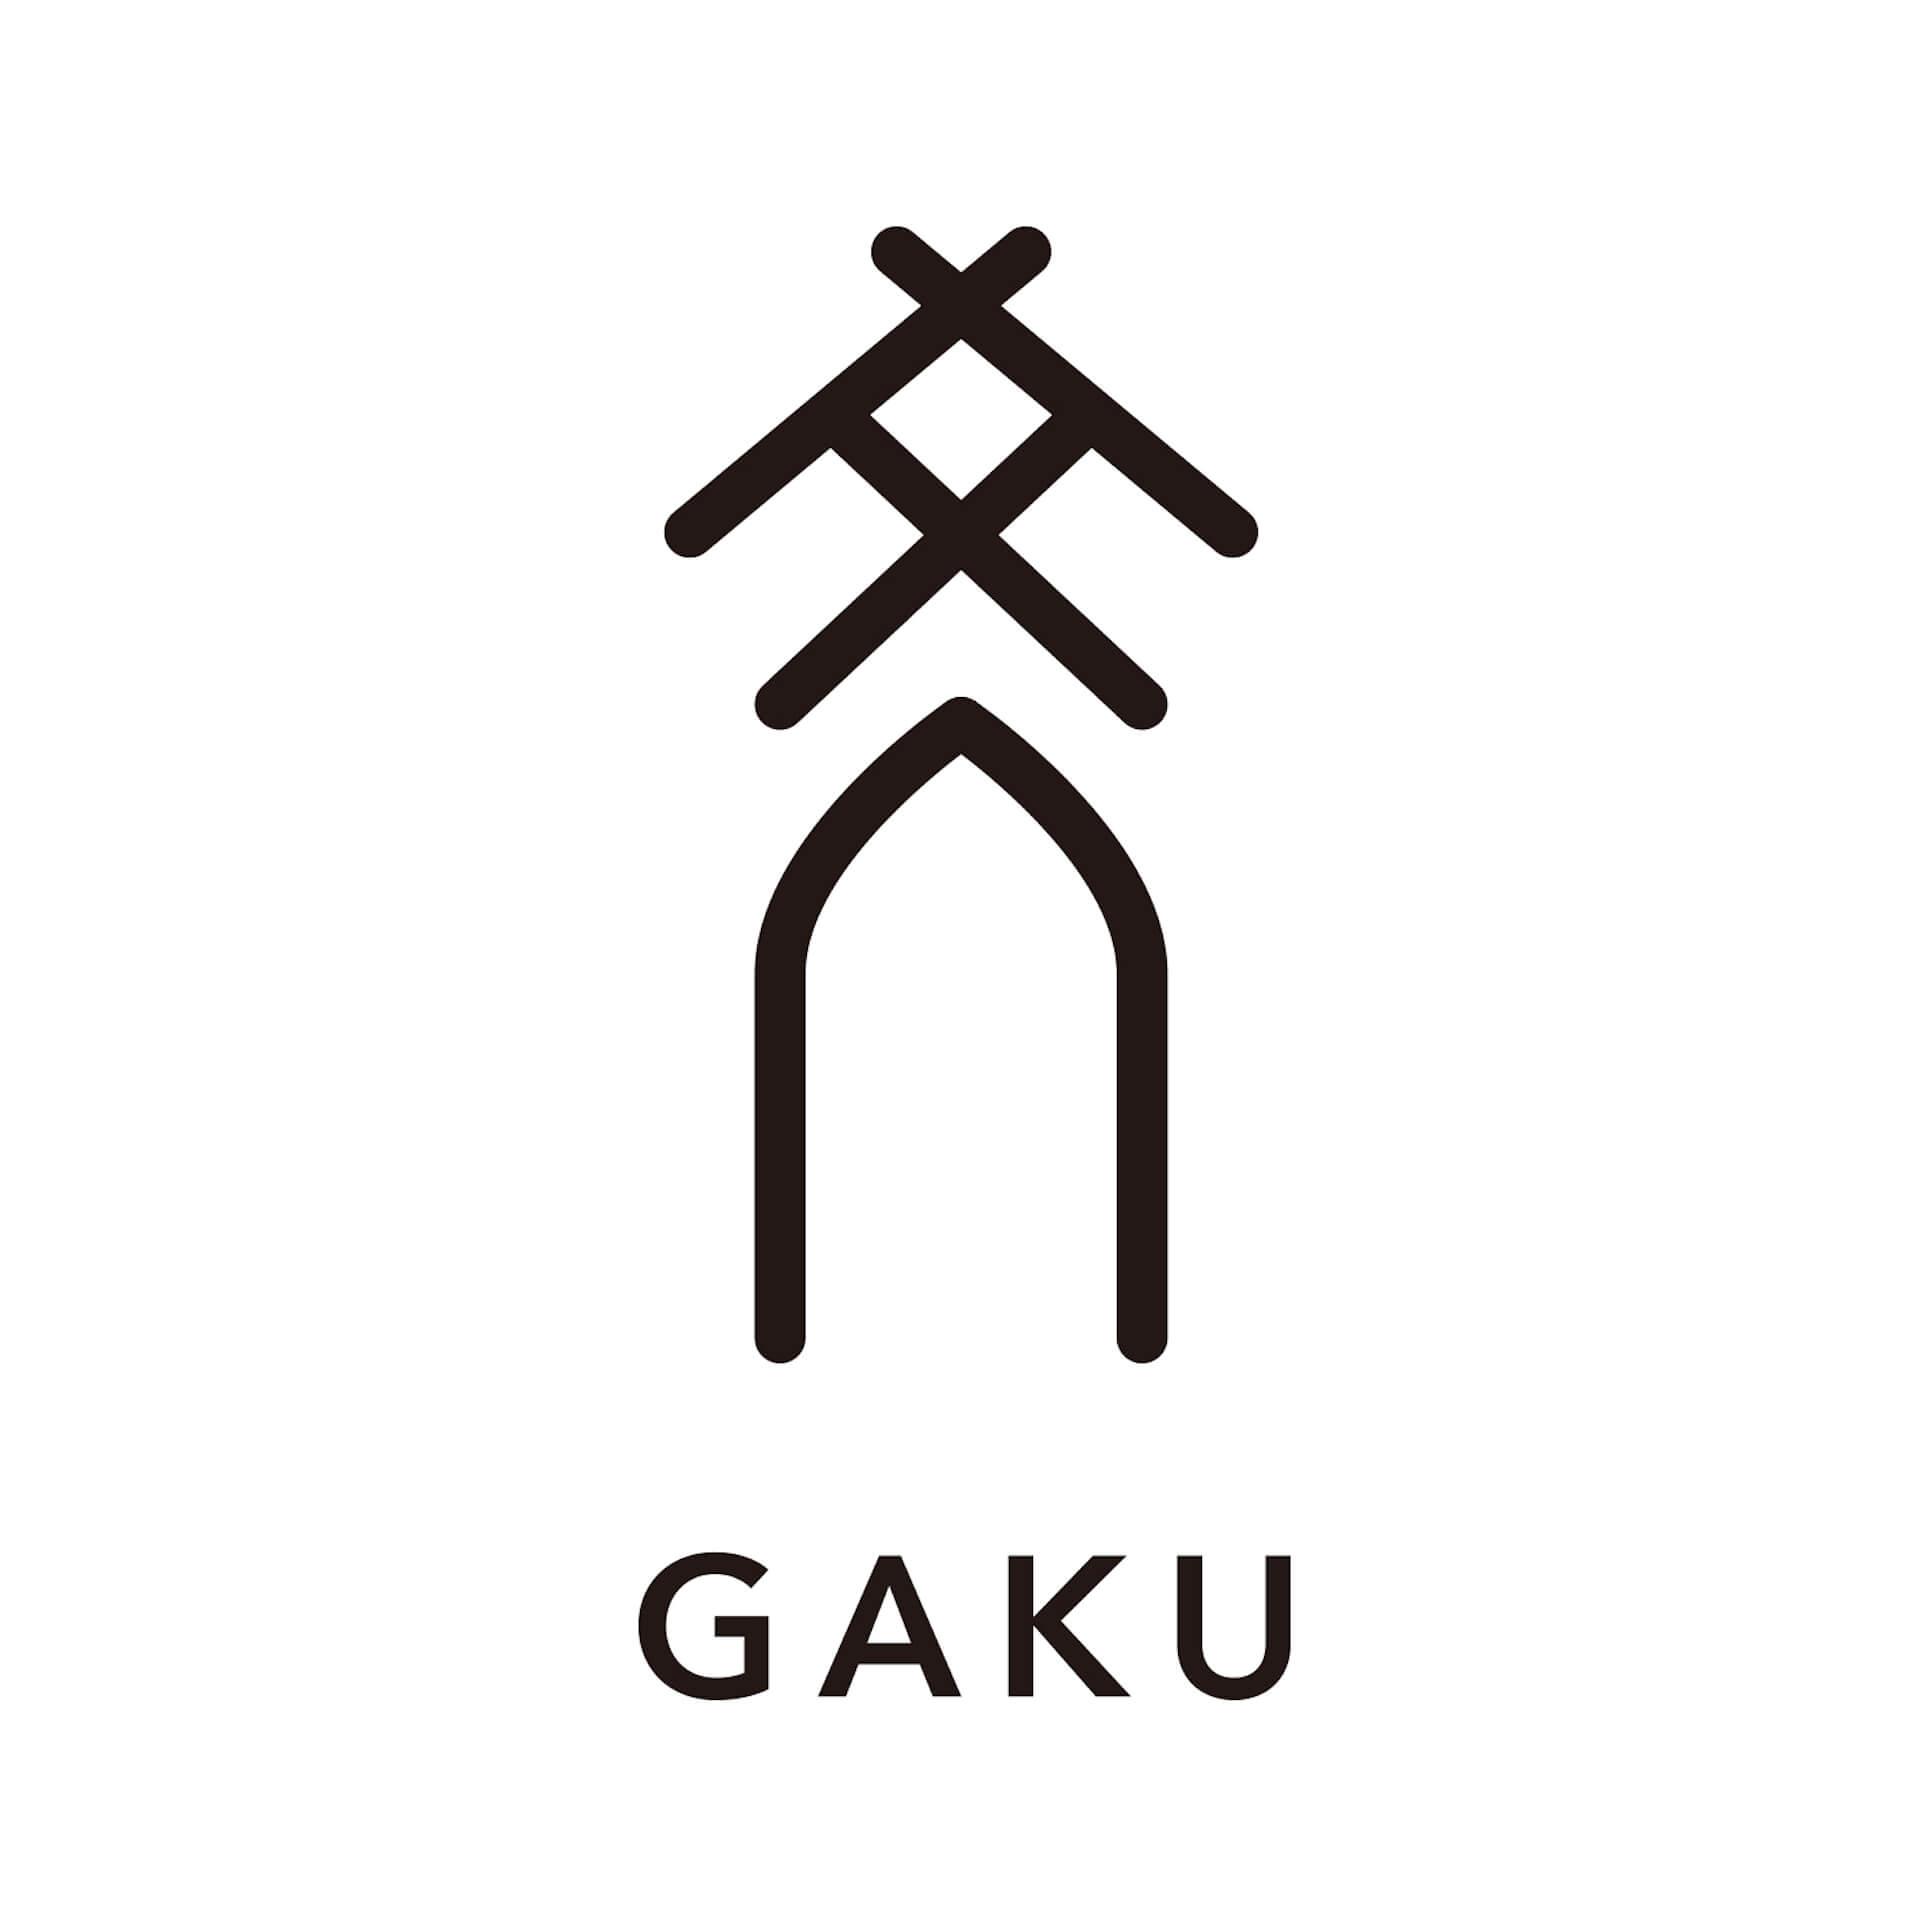 渋谷PARCO「GAKU」でヒップホップの楽曲制作、配信、プロモーションを学べる「Beat, Flow and Promotion」が開講|Daichi Yamamotoら参加 music200327_beatflowpromotion_1